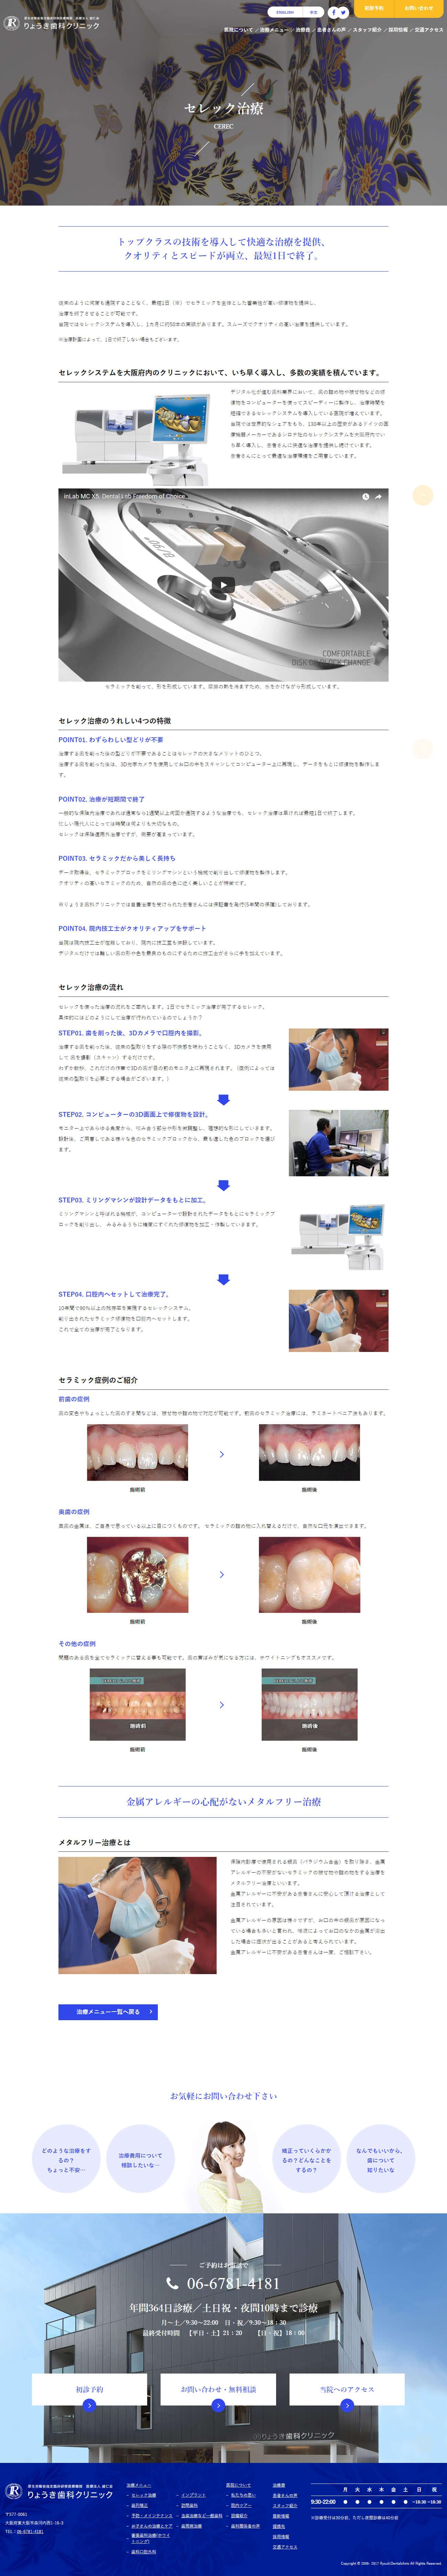 東大阪市 りょうき歯科クリニック様 ホームページ制作2